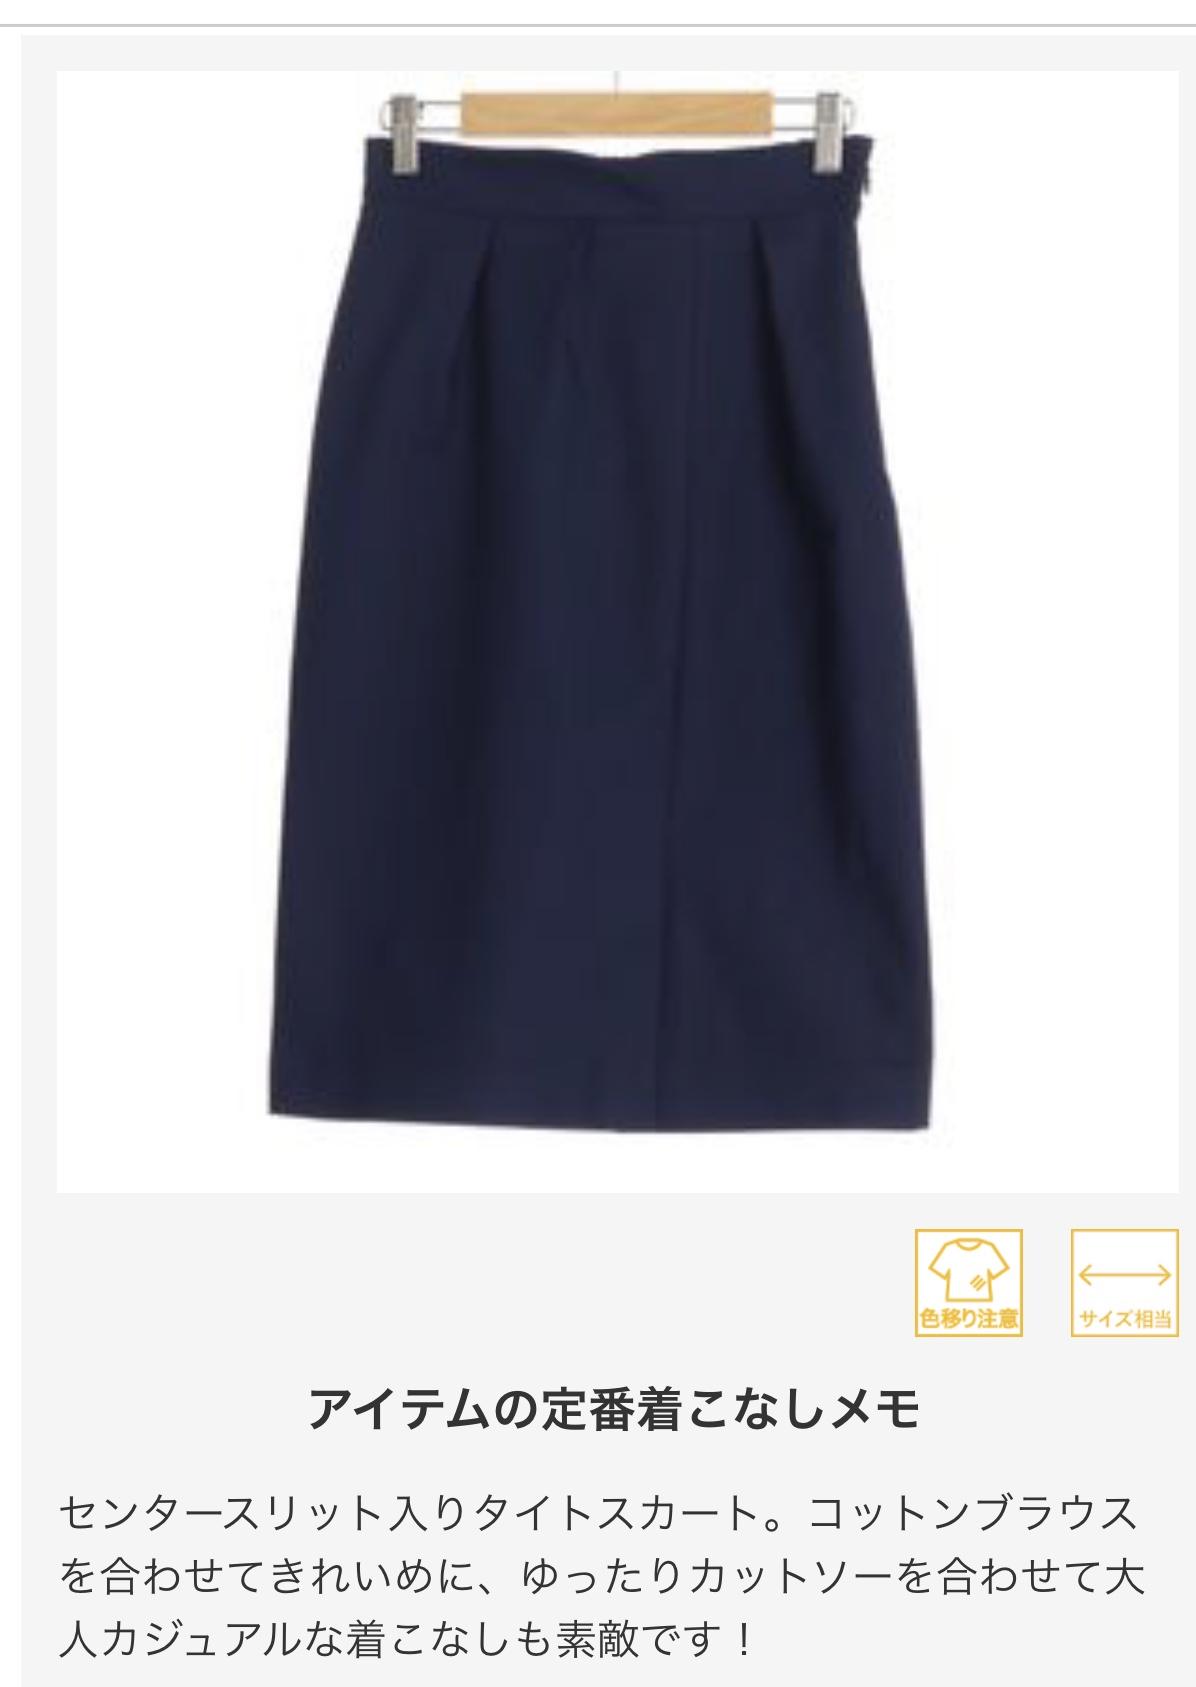 エアクロタイトスカート